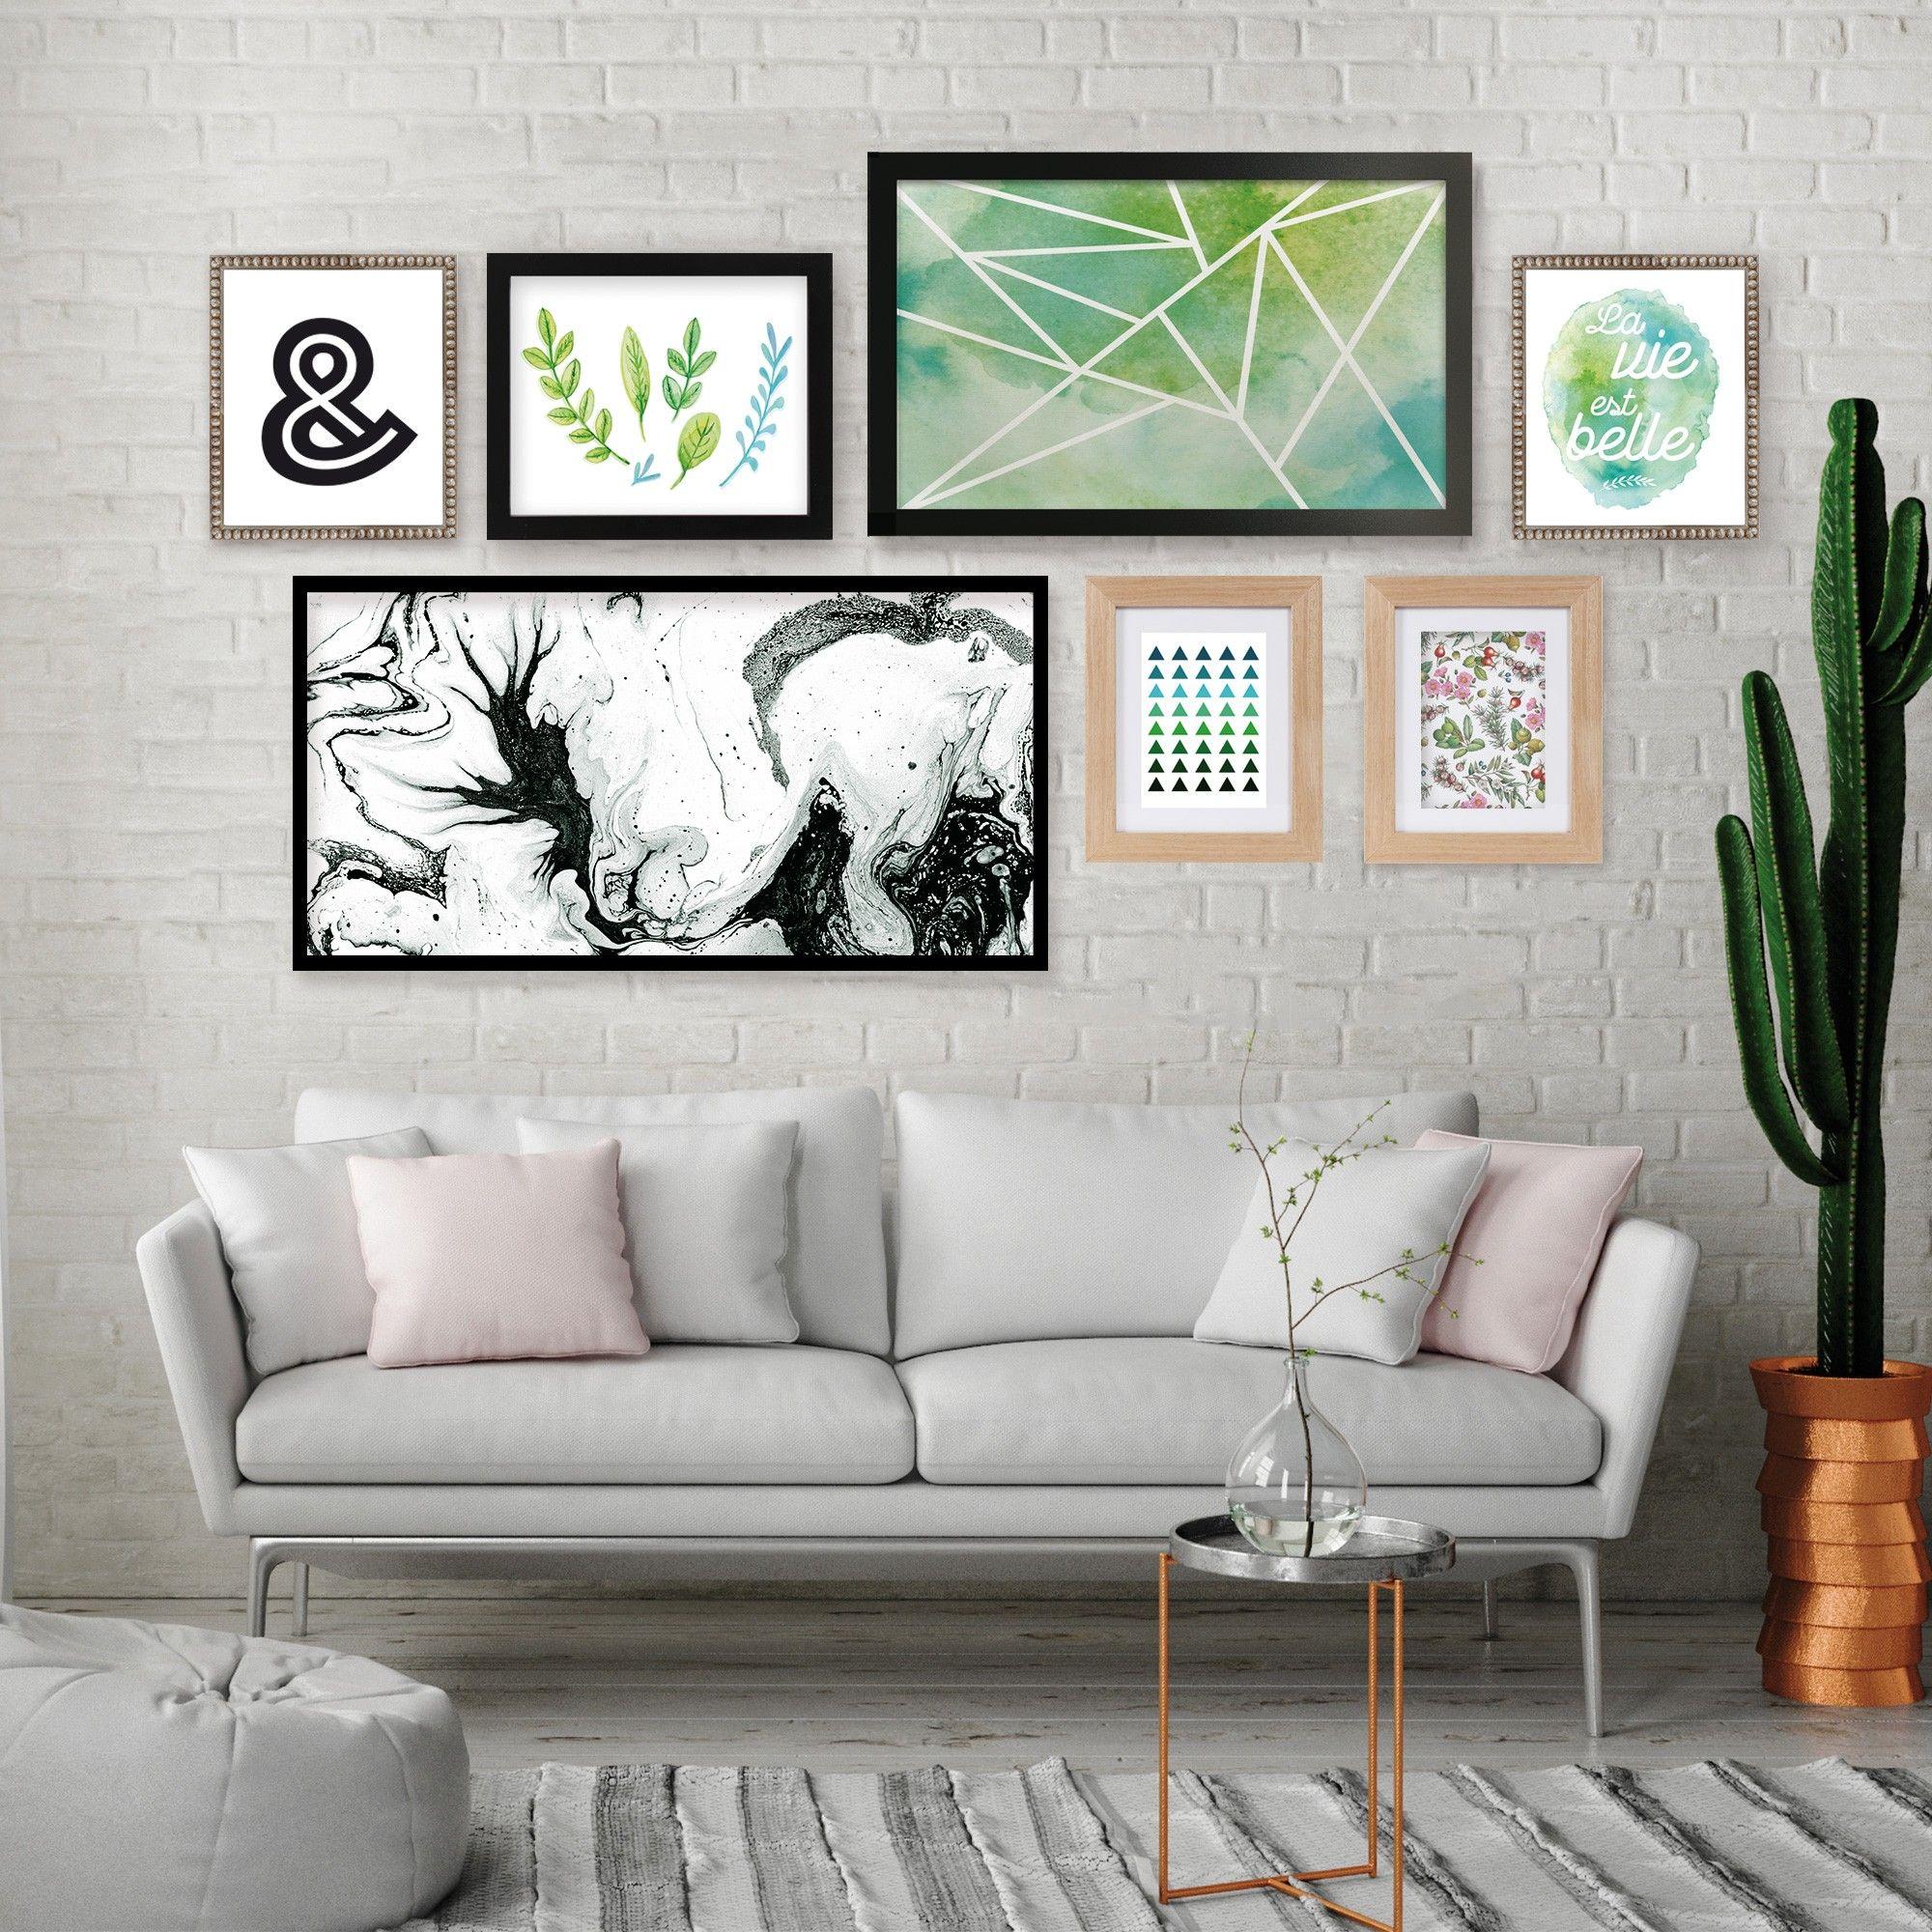 comment disposer un cadre sur un mur en 2019 d co. Black Bedroom Furniture Sets. Home Design Ideas